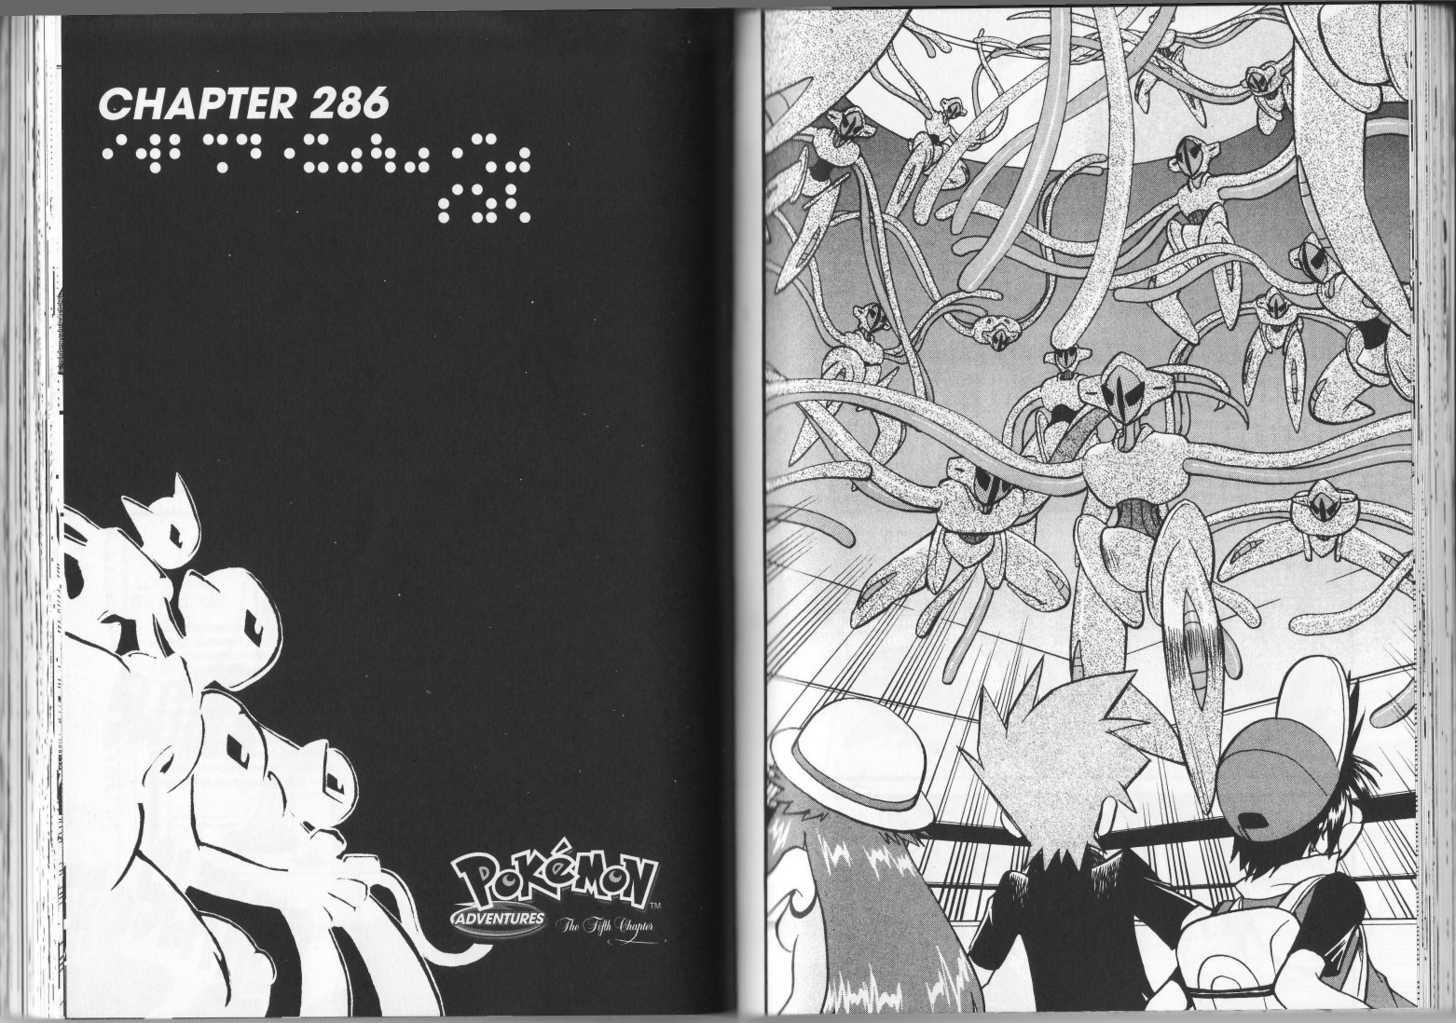 Pokemon Adventures 286 Page 1